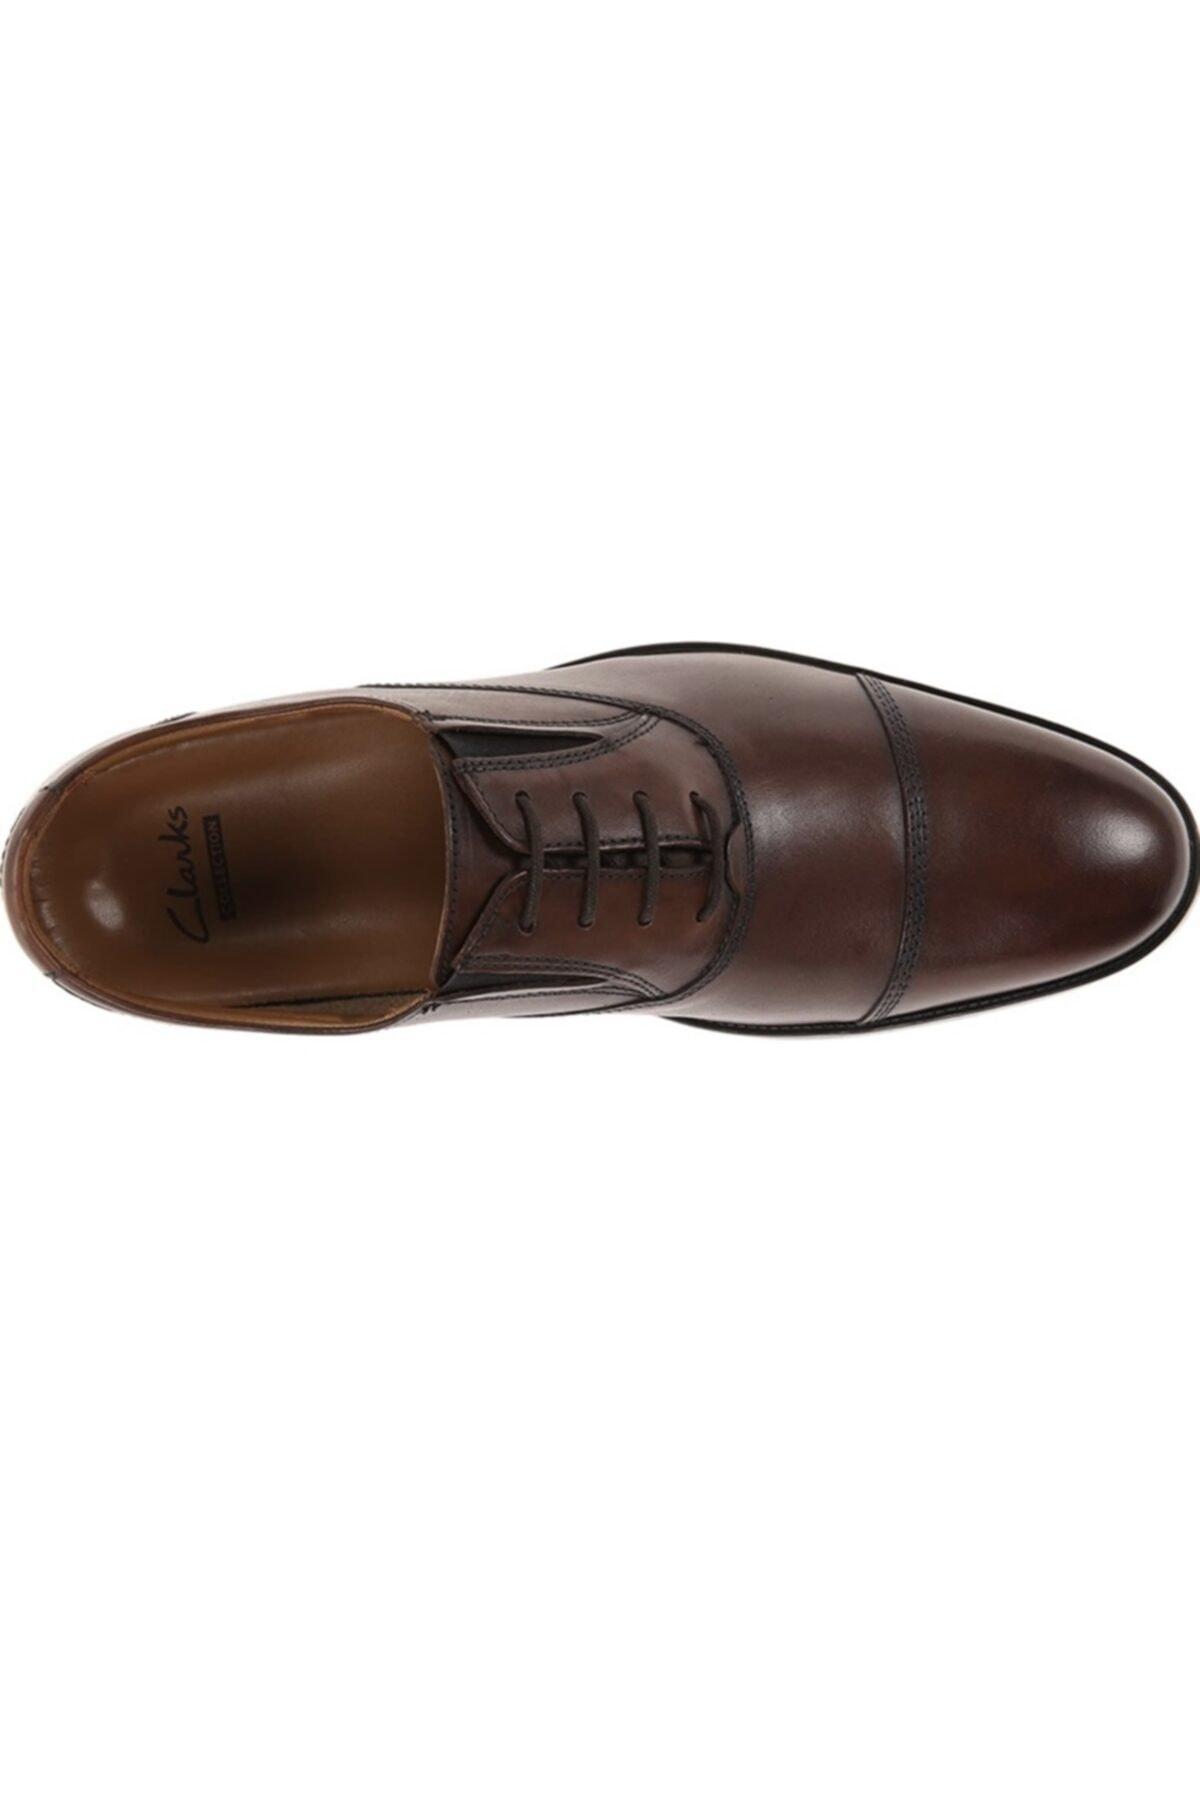 CLARKS Erkek Ayakkabı Bağcıklı Şık Ve Rahat Kalden Cap 2